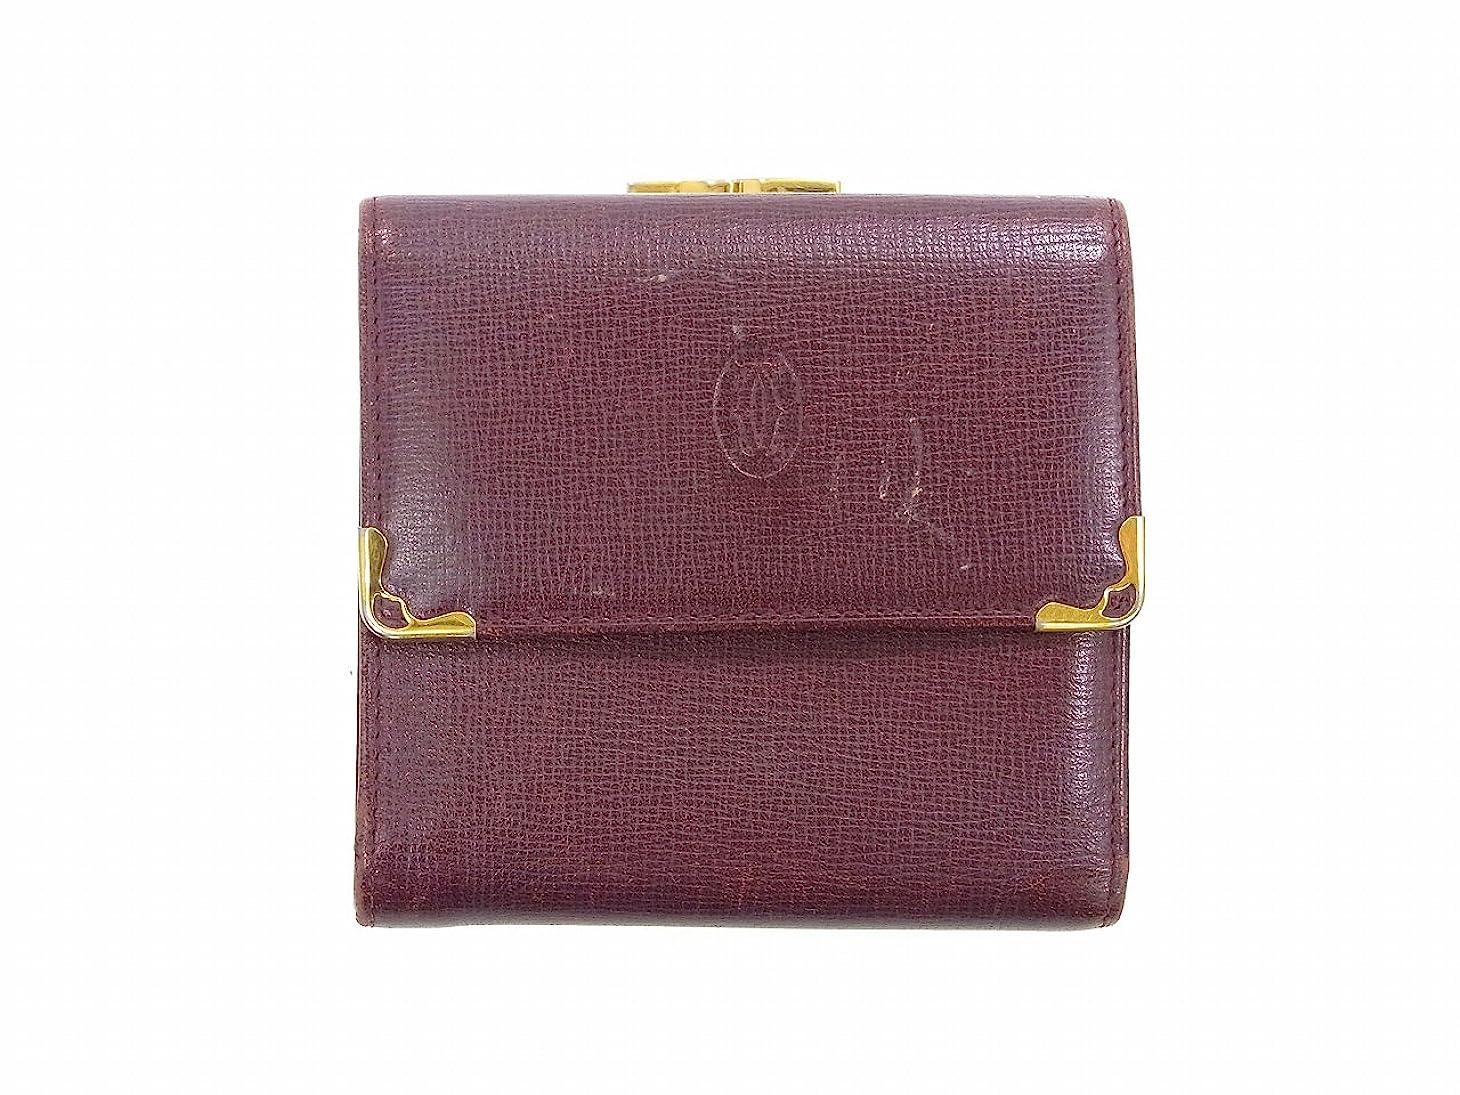 被るタバコ突き出す[カルティエ] Cartier 二つ折り財布 レザー X9358 中古